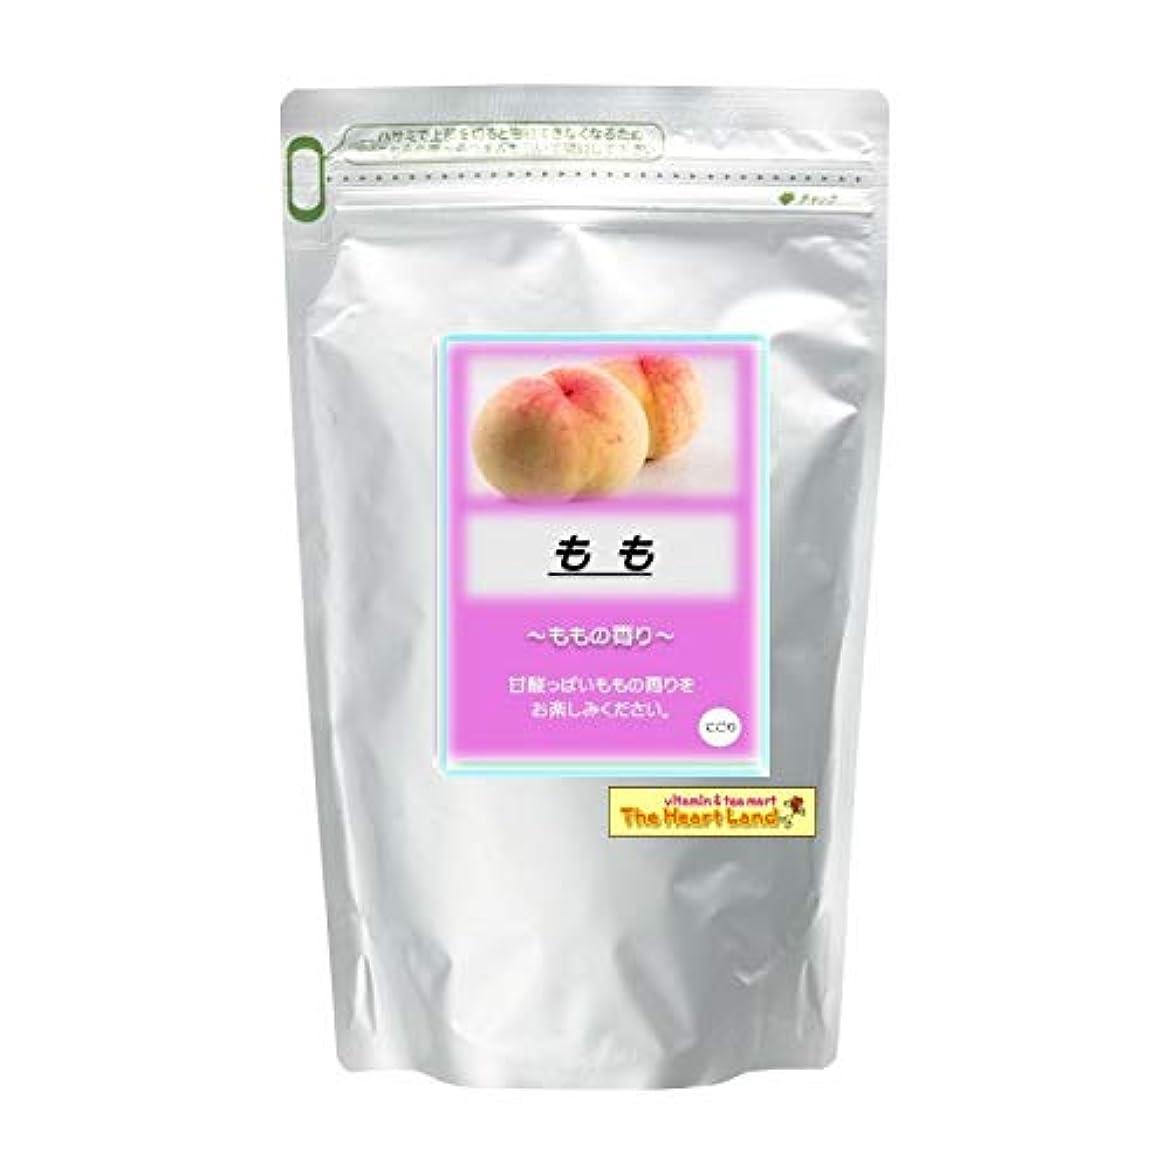 エキゾチック生物学アシュリータファーマンアサヒ入浴剤 浴用入浴化粧品 もも 300g